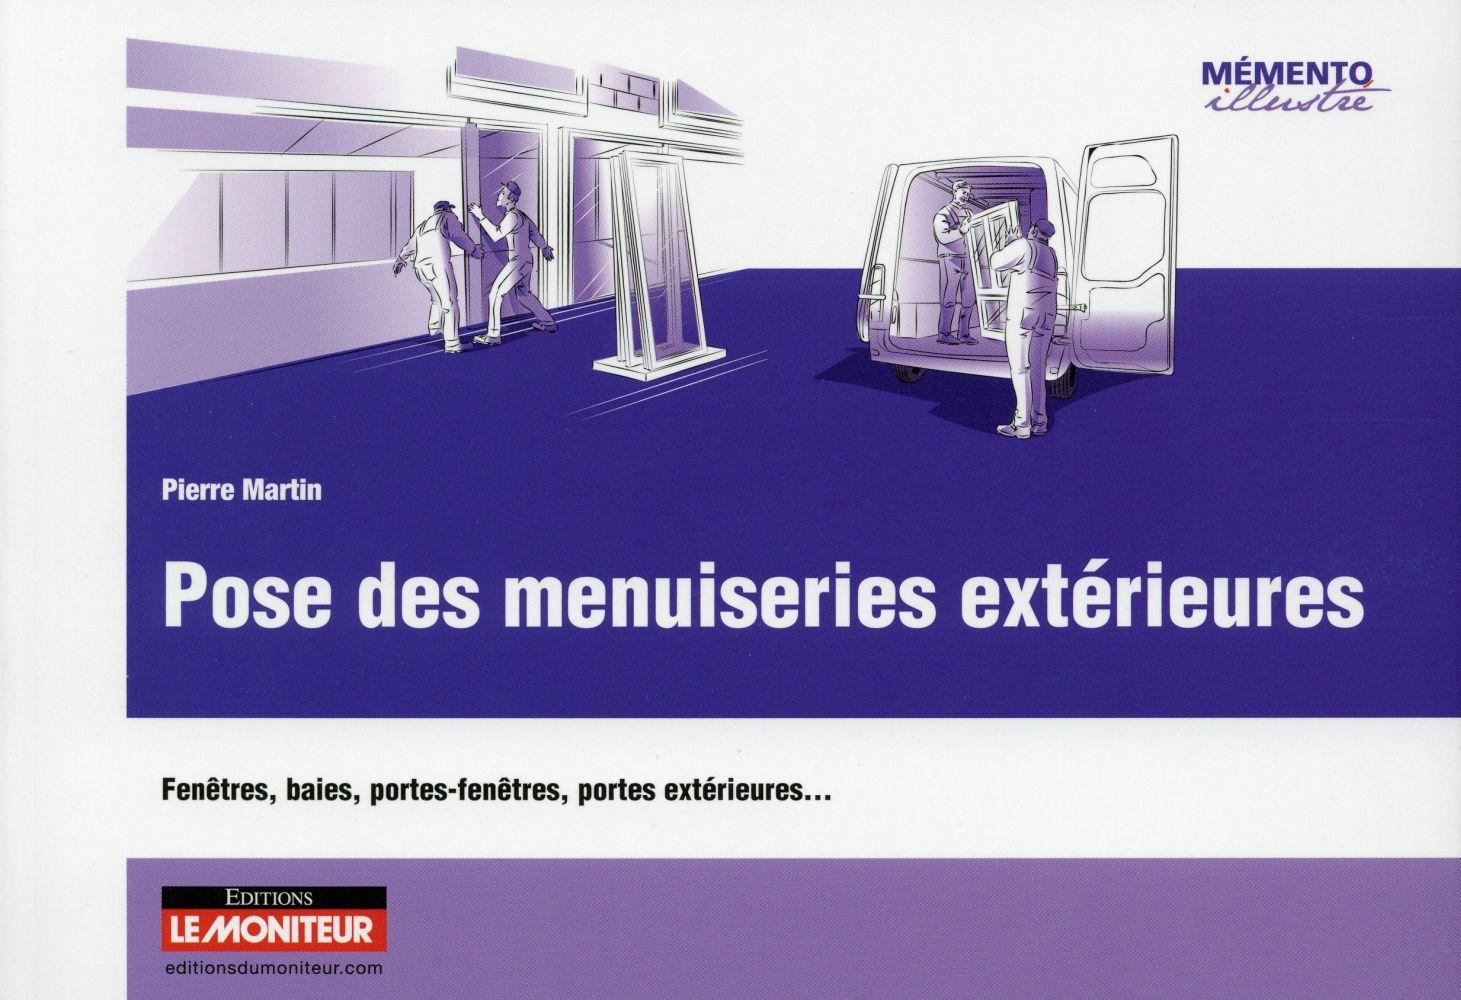 POSE DES MENUISERIES EXTERIEURES PIERRE MARTIN Moniteur